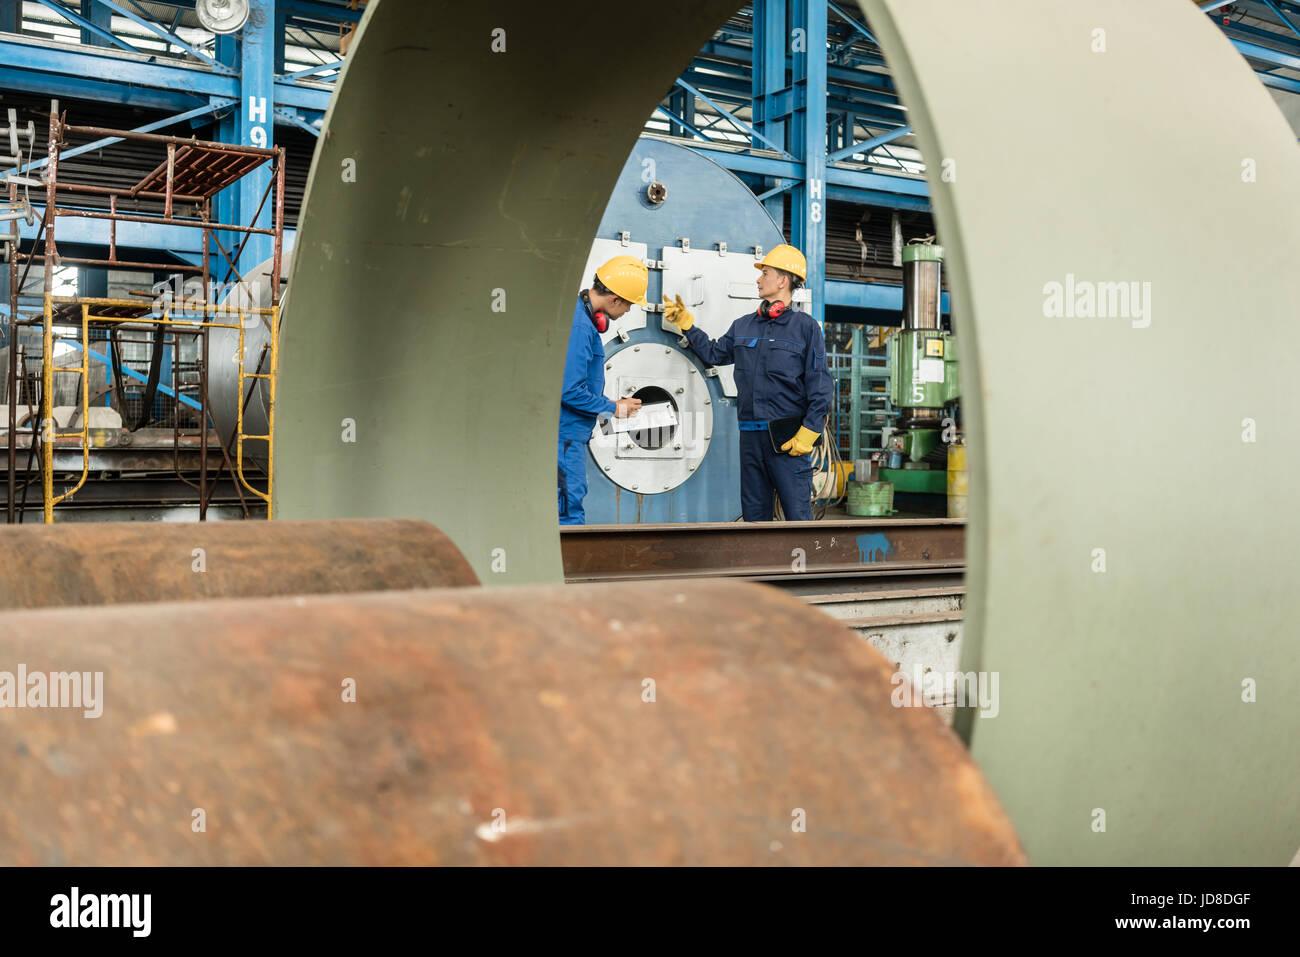 Erfreut Wie Dampfkessel Arbeiten Ideen - Der Schaltplan - triangre.info